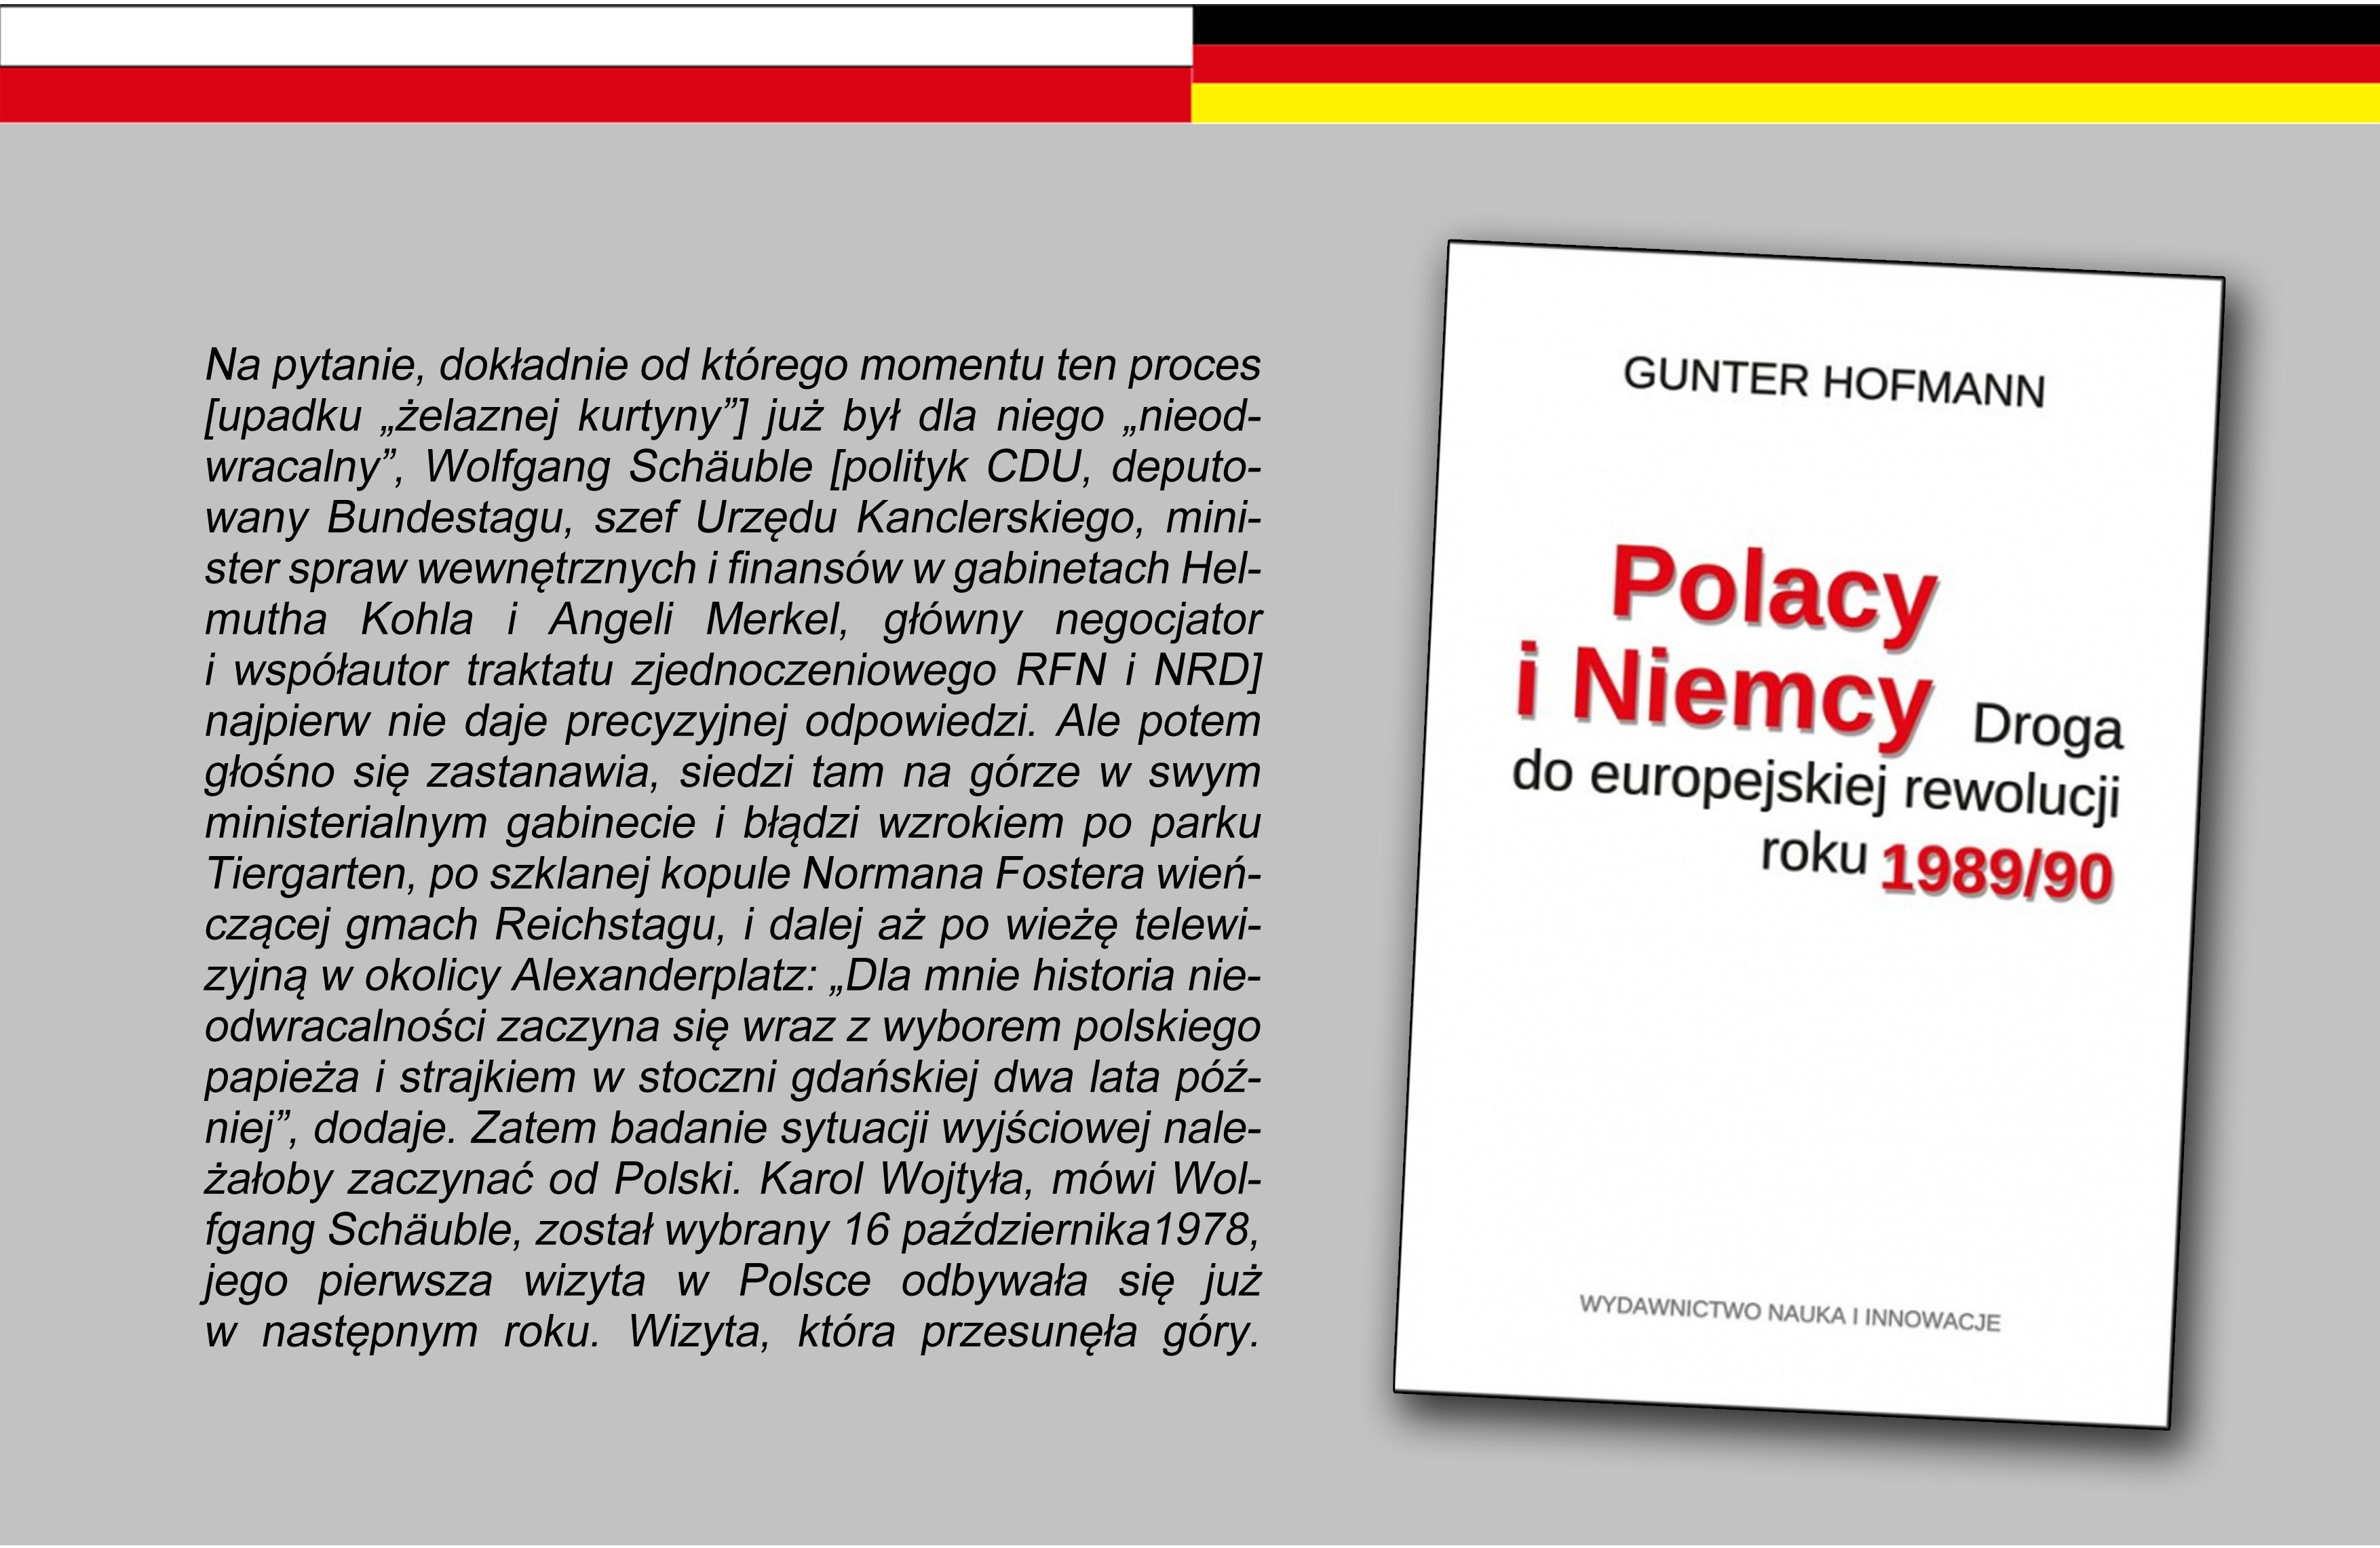 Spotkanie: Polacy i Niemcy. Cud roku 1989?